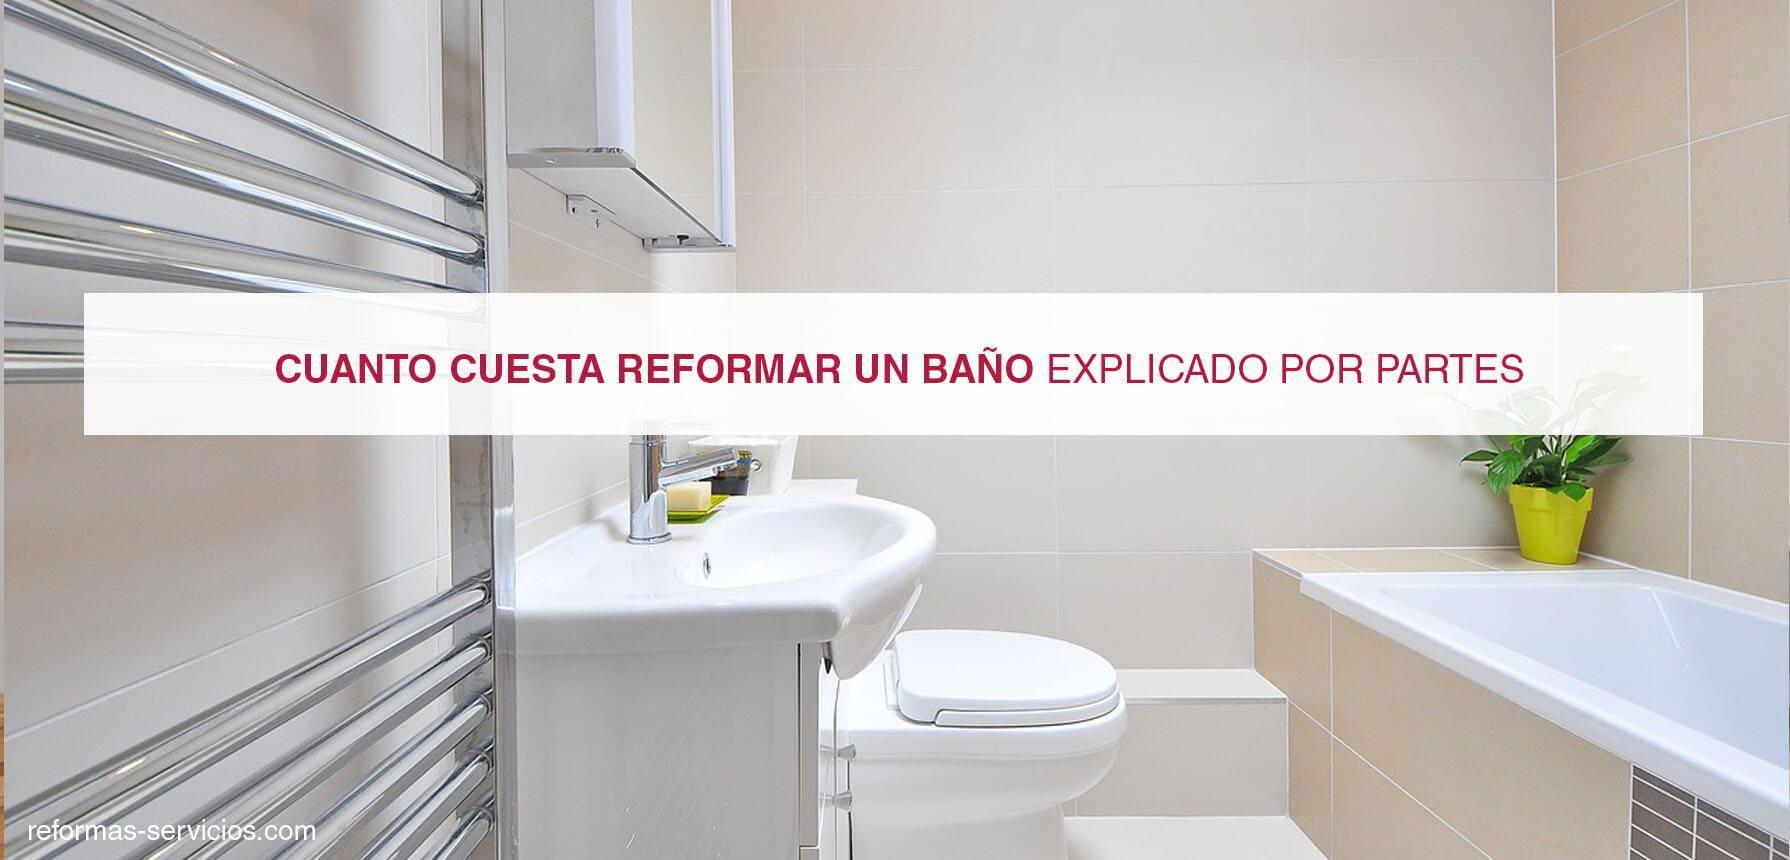 Cuanto cuesta reformar un ba o reformas servicios com reformas madrid pinterest ba os y - Reformar bano madrid ...